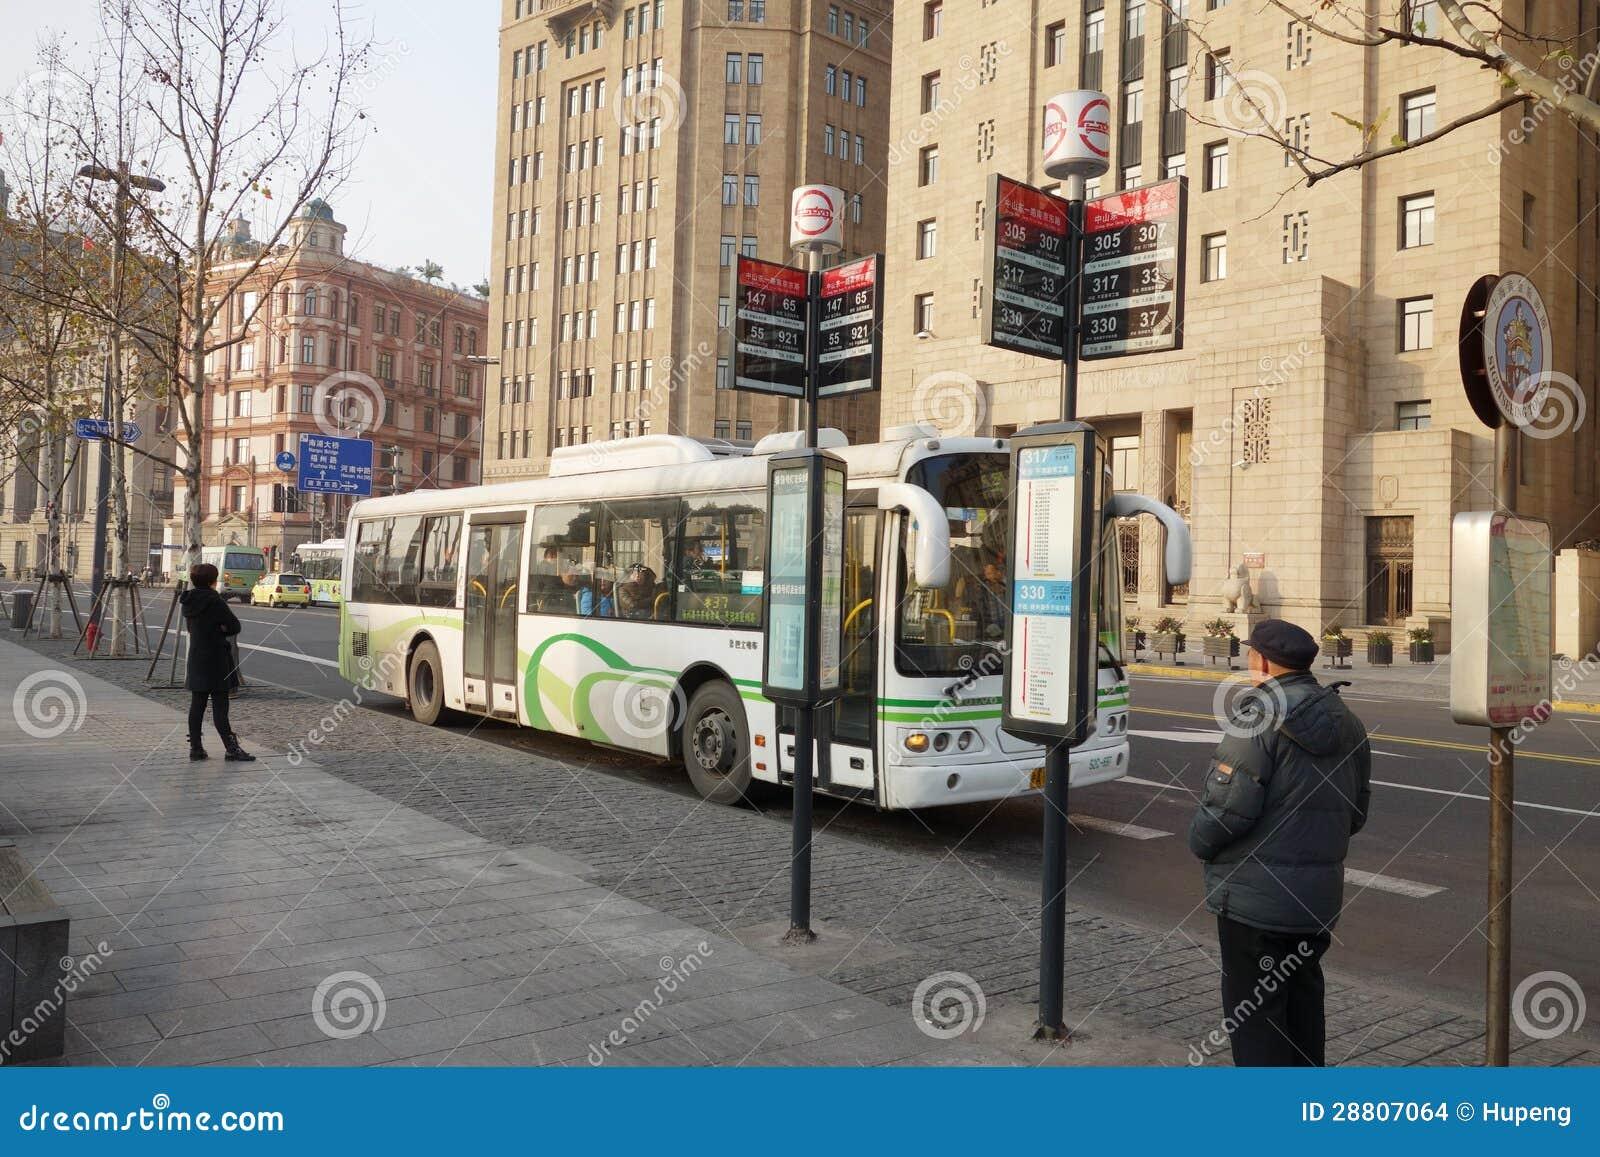 公共汽车站 在 上海 编辑类库存图片 288高清图片